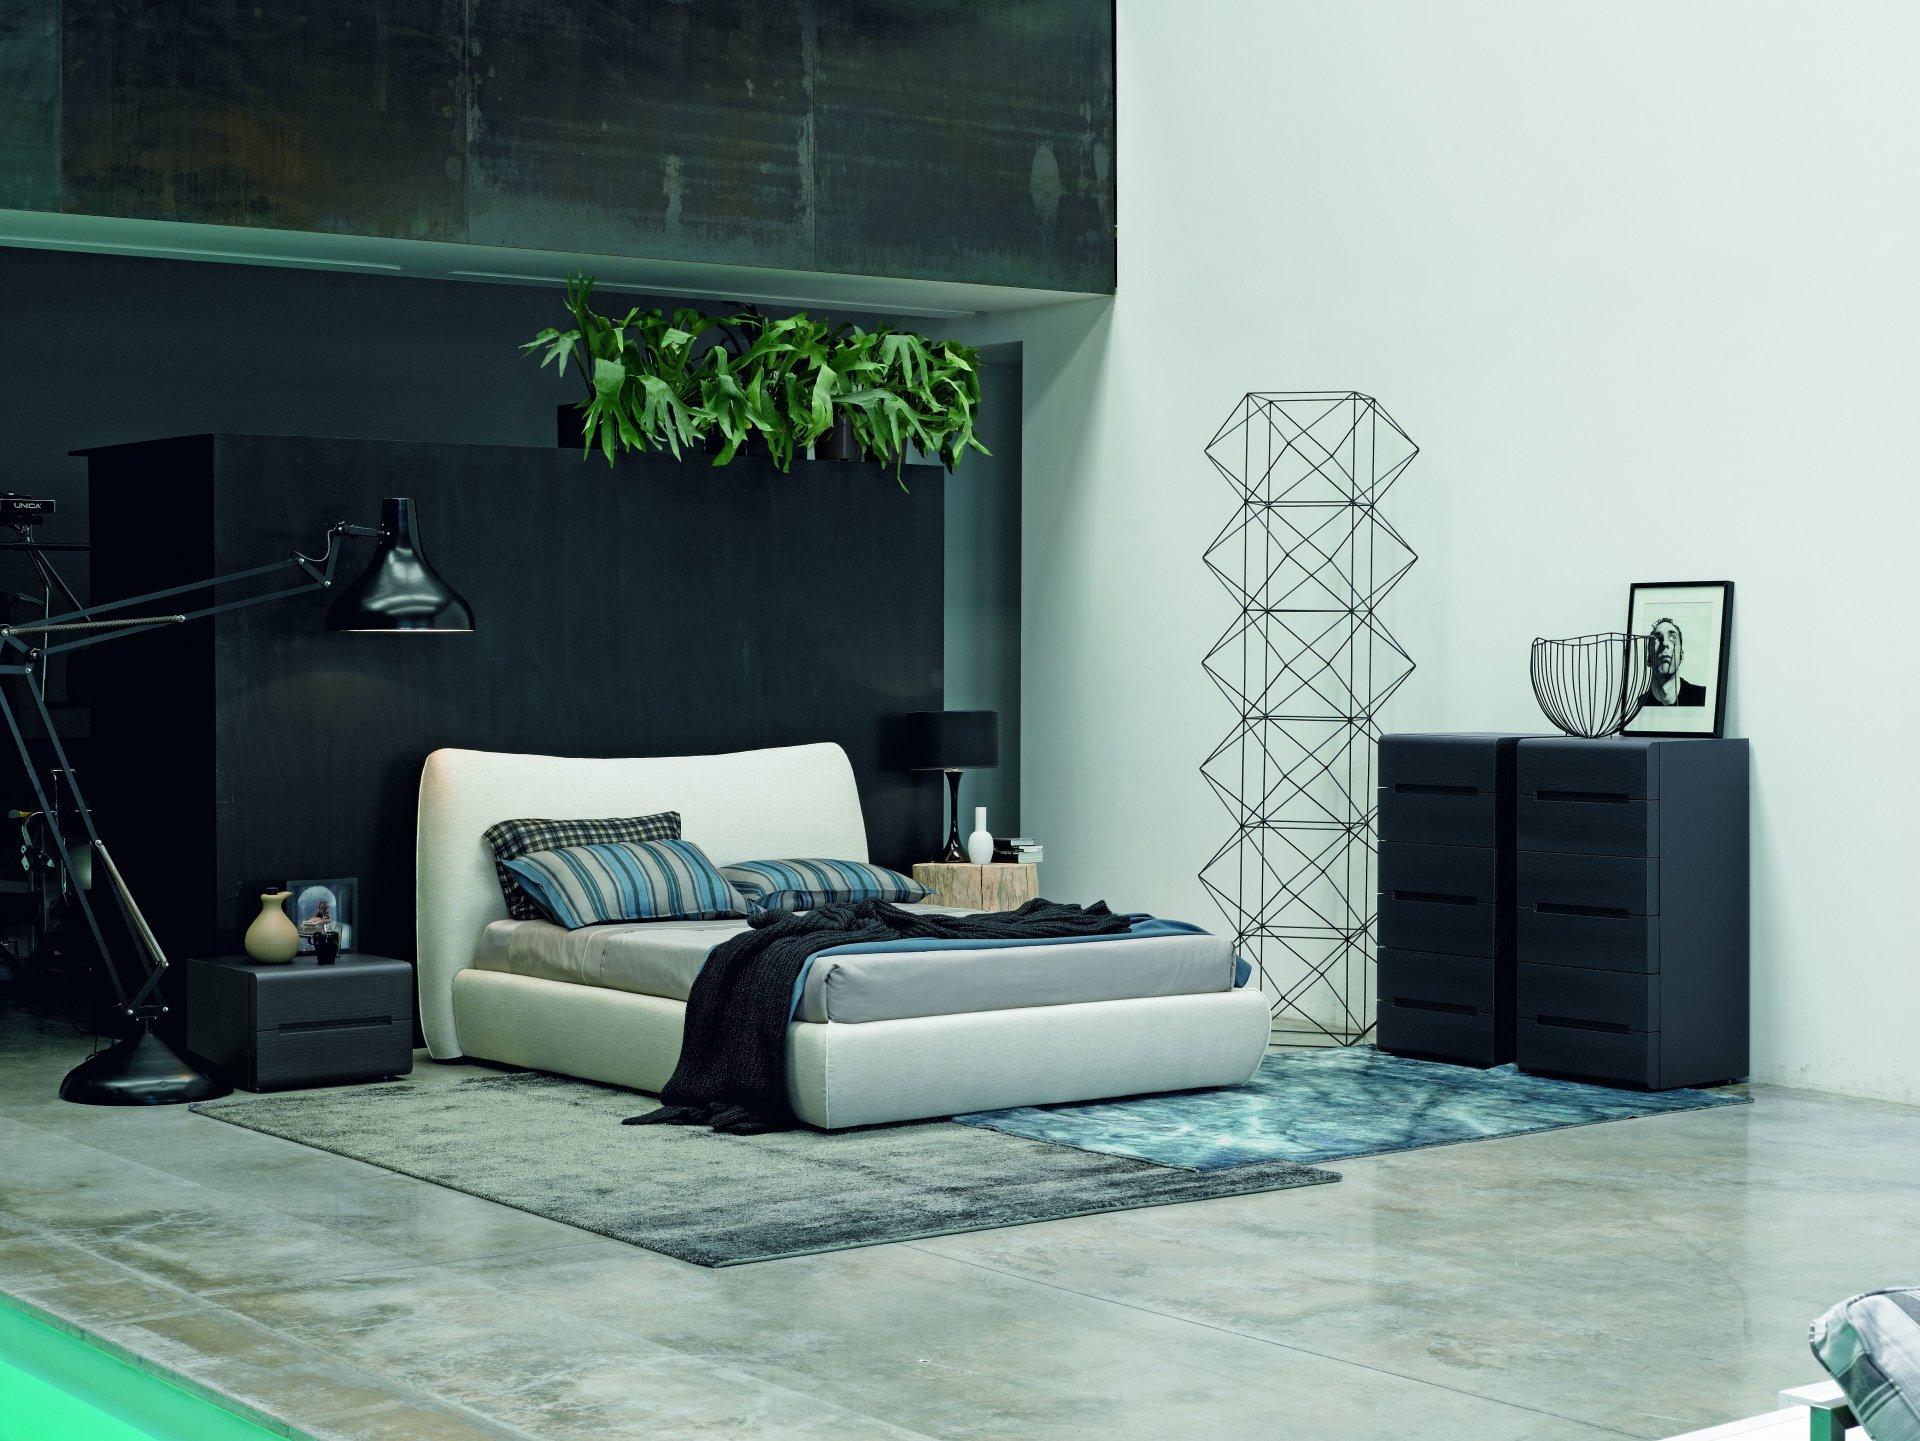 Bedroom - Modern Bedroom Hd (#8) - HD Wallpaper & Backgrounds